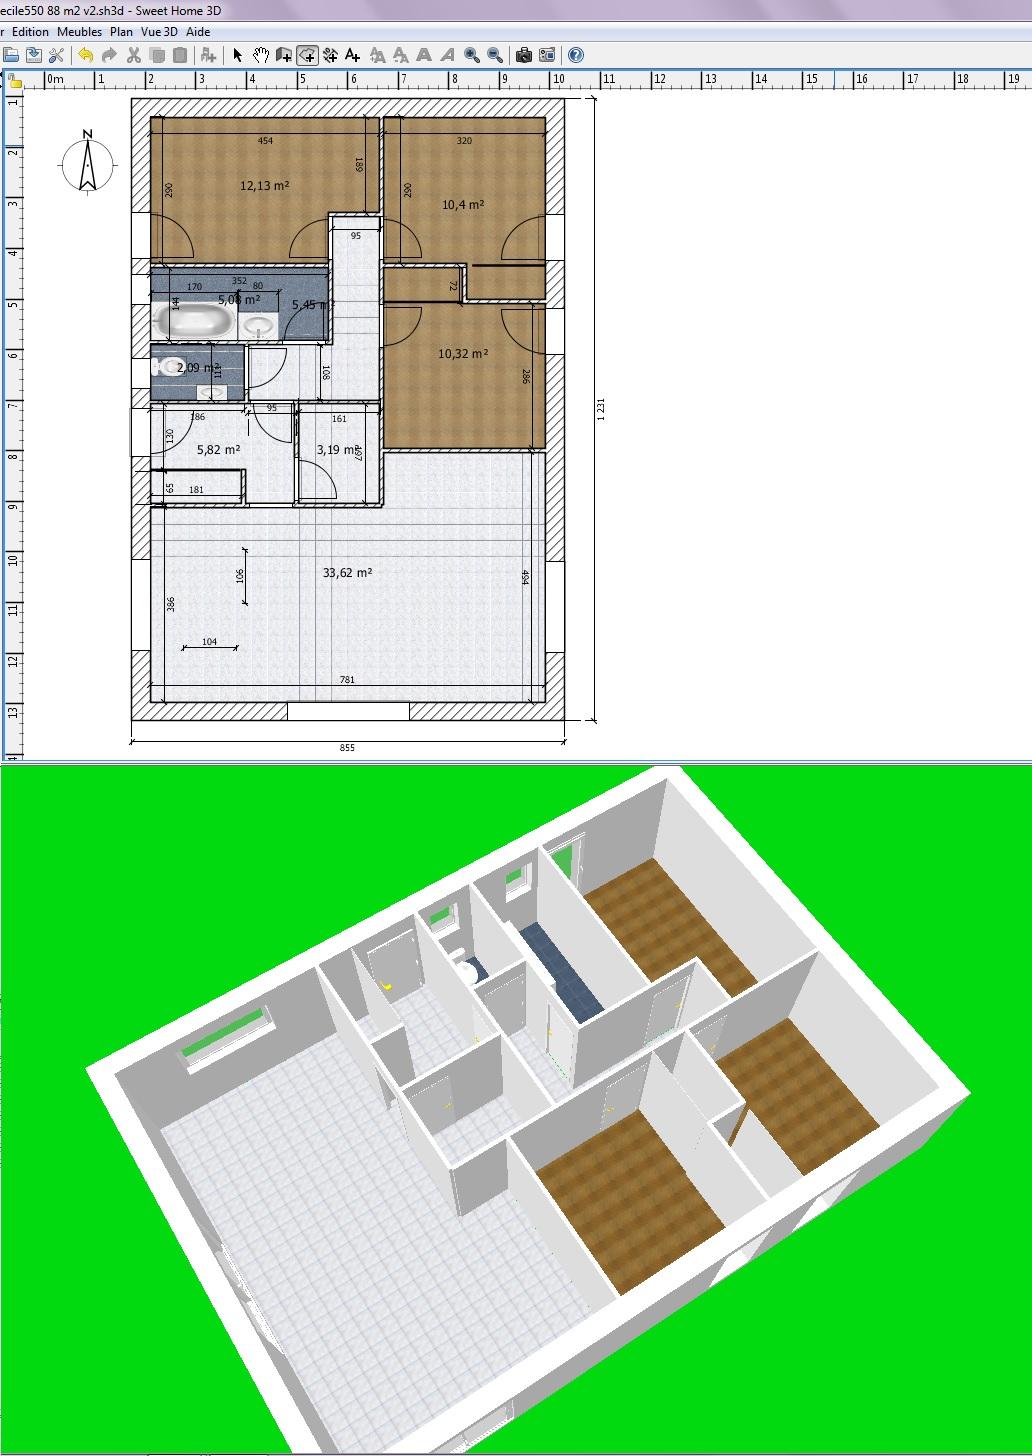 Aide plan de maison de 80 m2 309 messages page 18 for Plan maison 80 m2